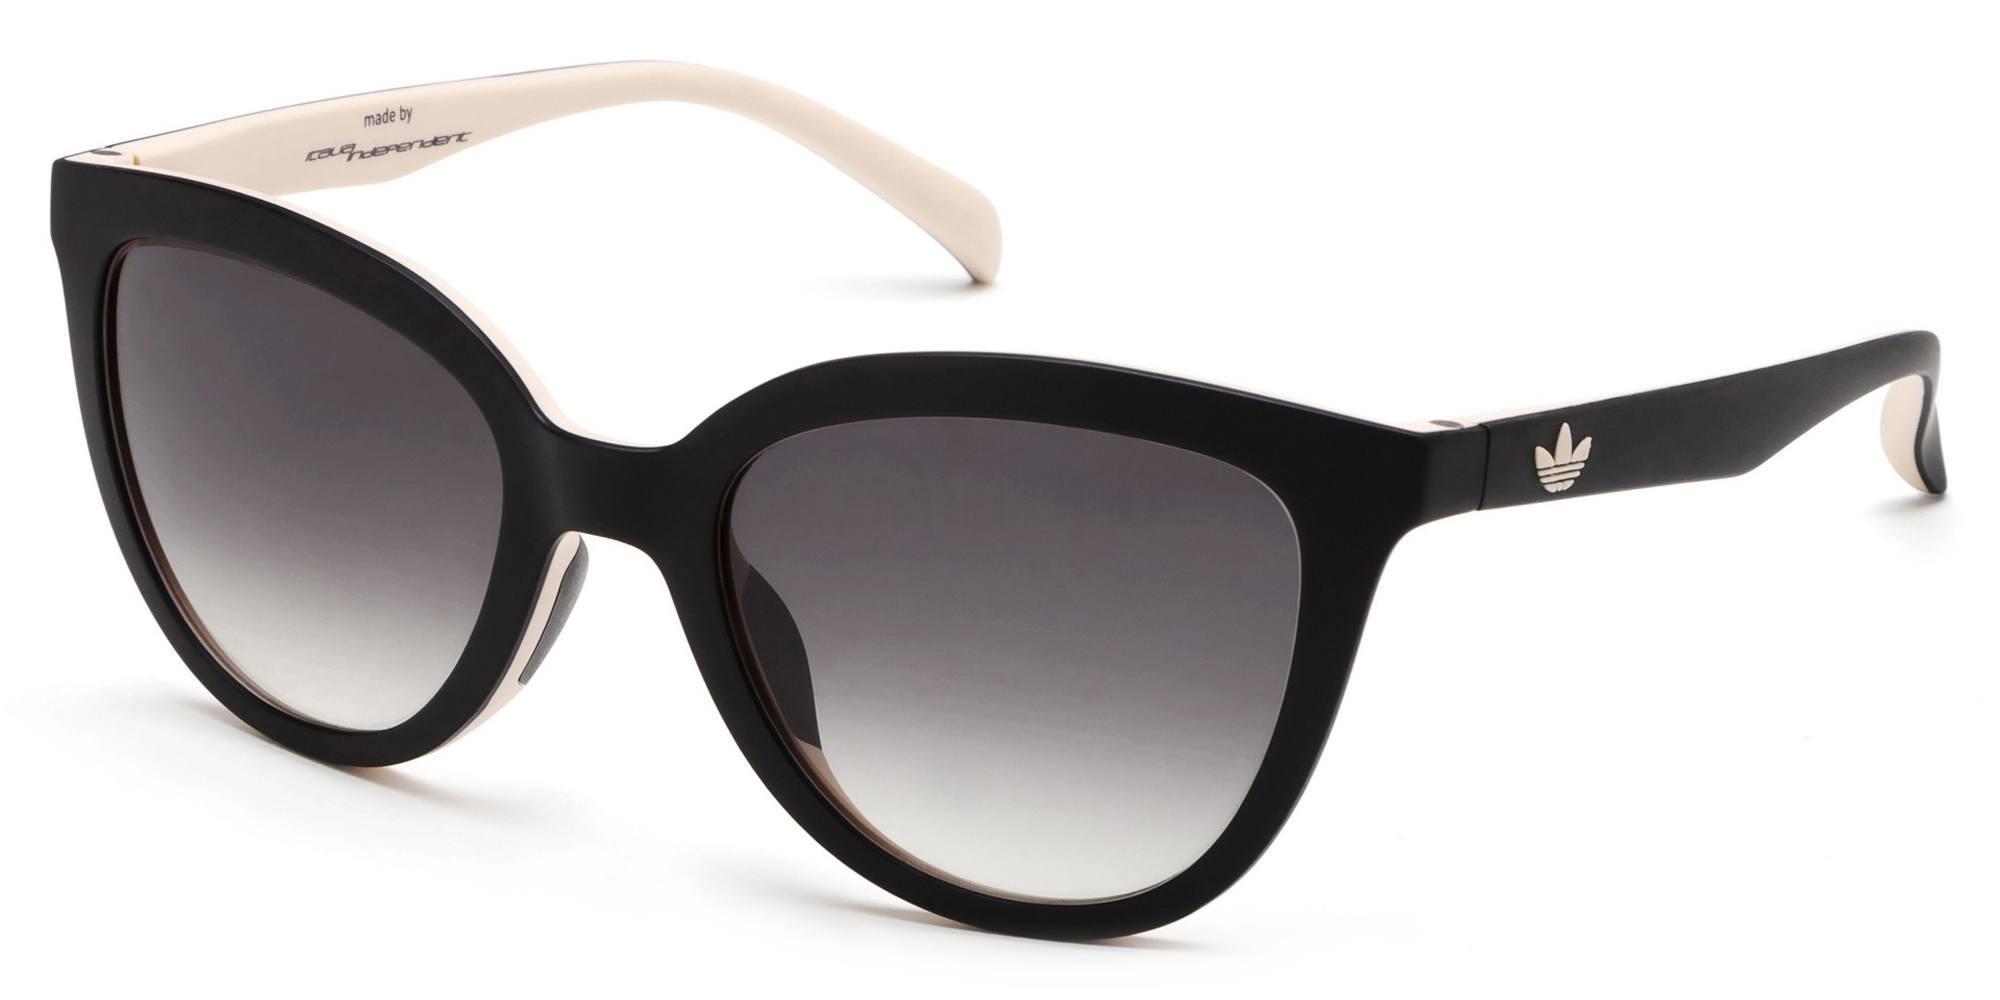 009.011 AOR006 Sunglasses, Adidas Originals